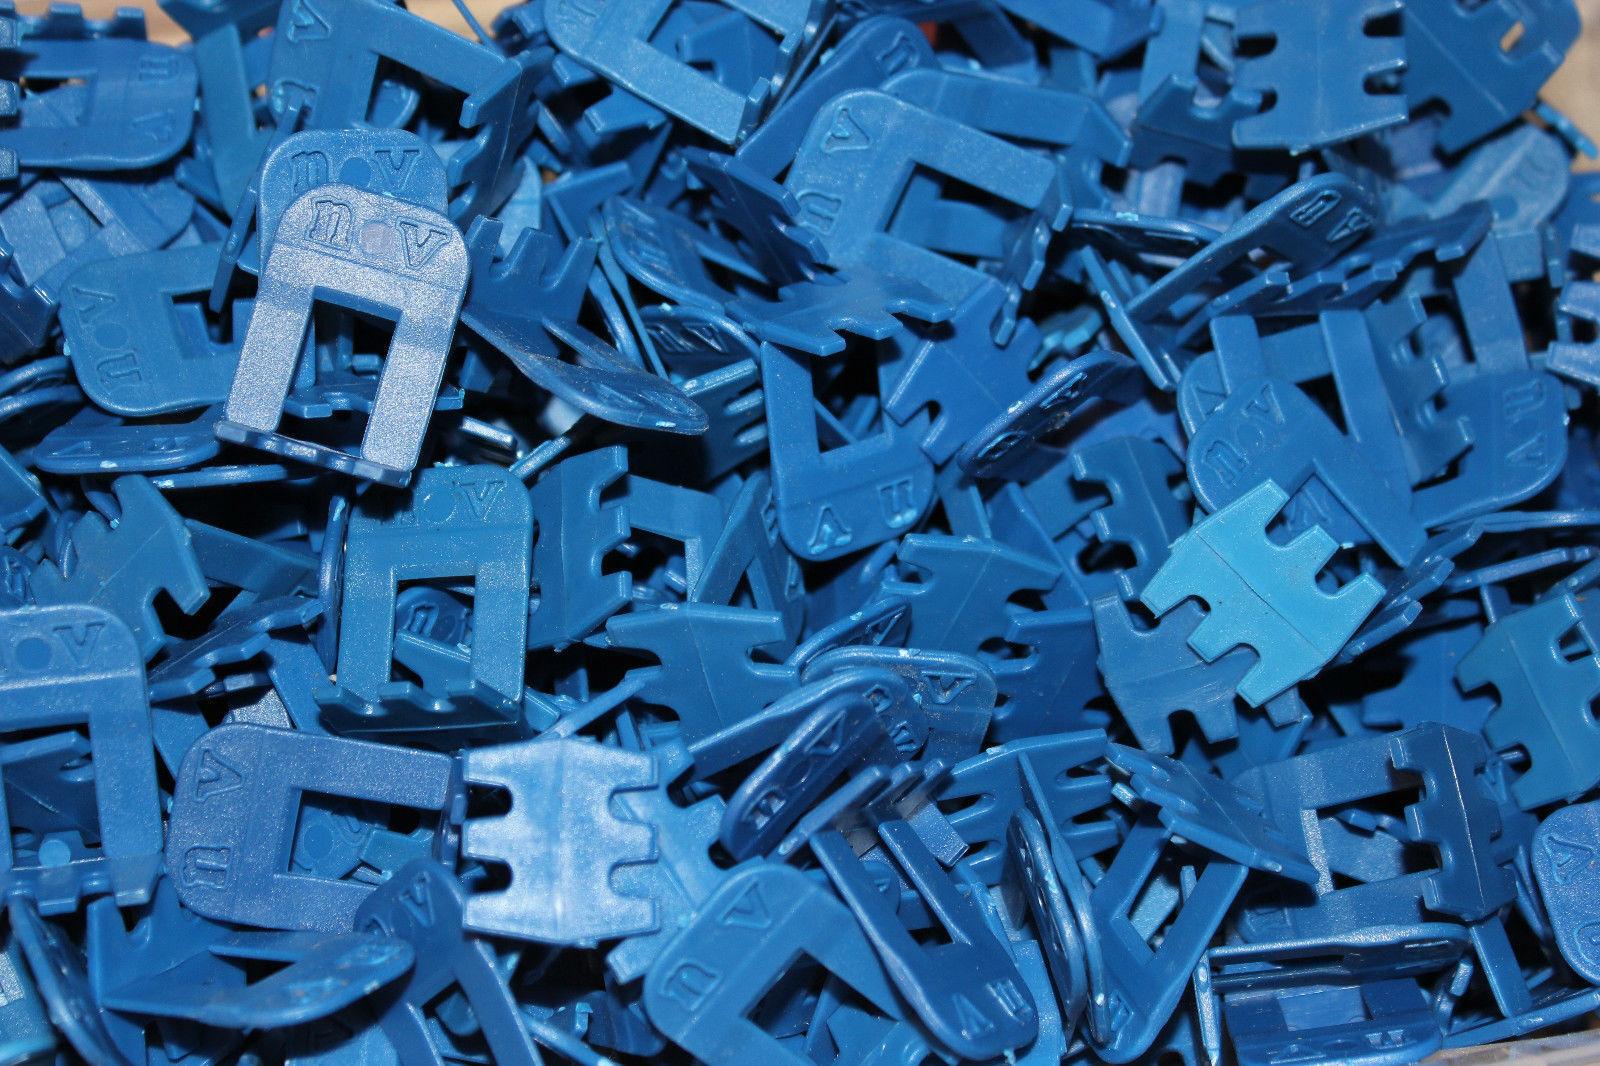 Fliesen Nivelliersystem, Verlegehilfe 1500 Laschen (1 (1 (1 mm) + 400 Keile + Zange   Lass unsere Waren in die Welt gehen    Genial Und Praktisch    Professionelles Design  0964cb